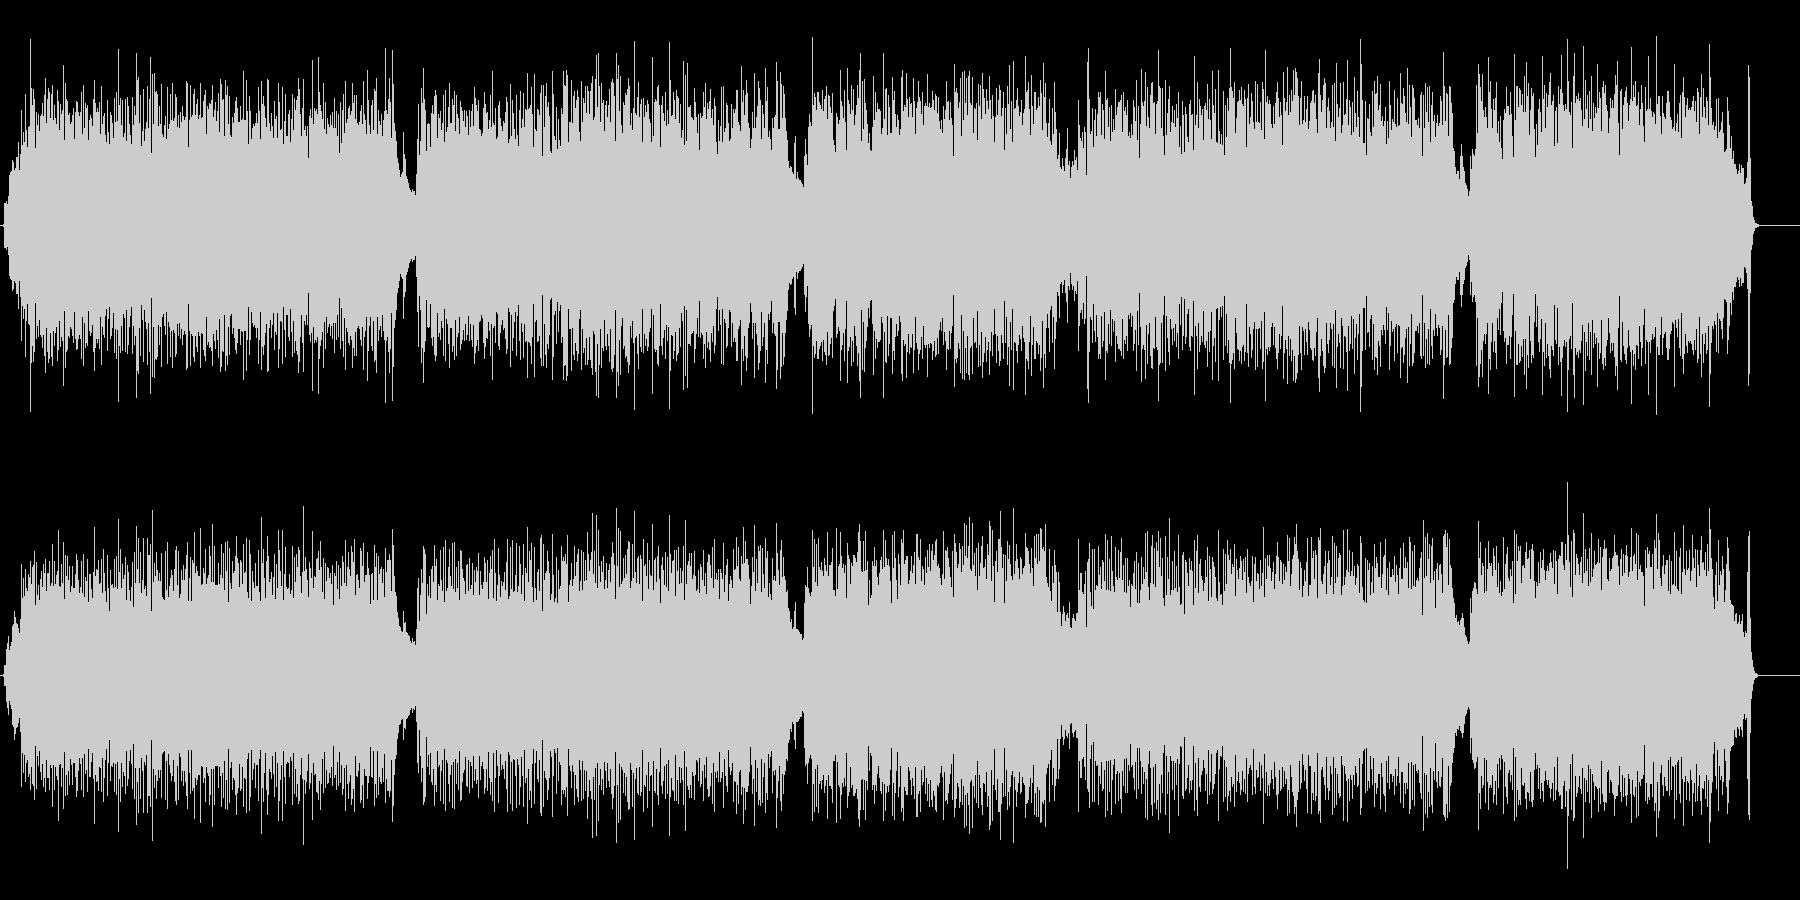 ハツラツ路線のストレート・フュージョンの未再生の波形